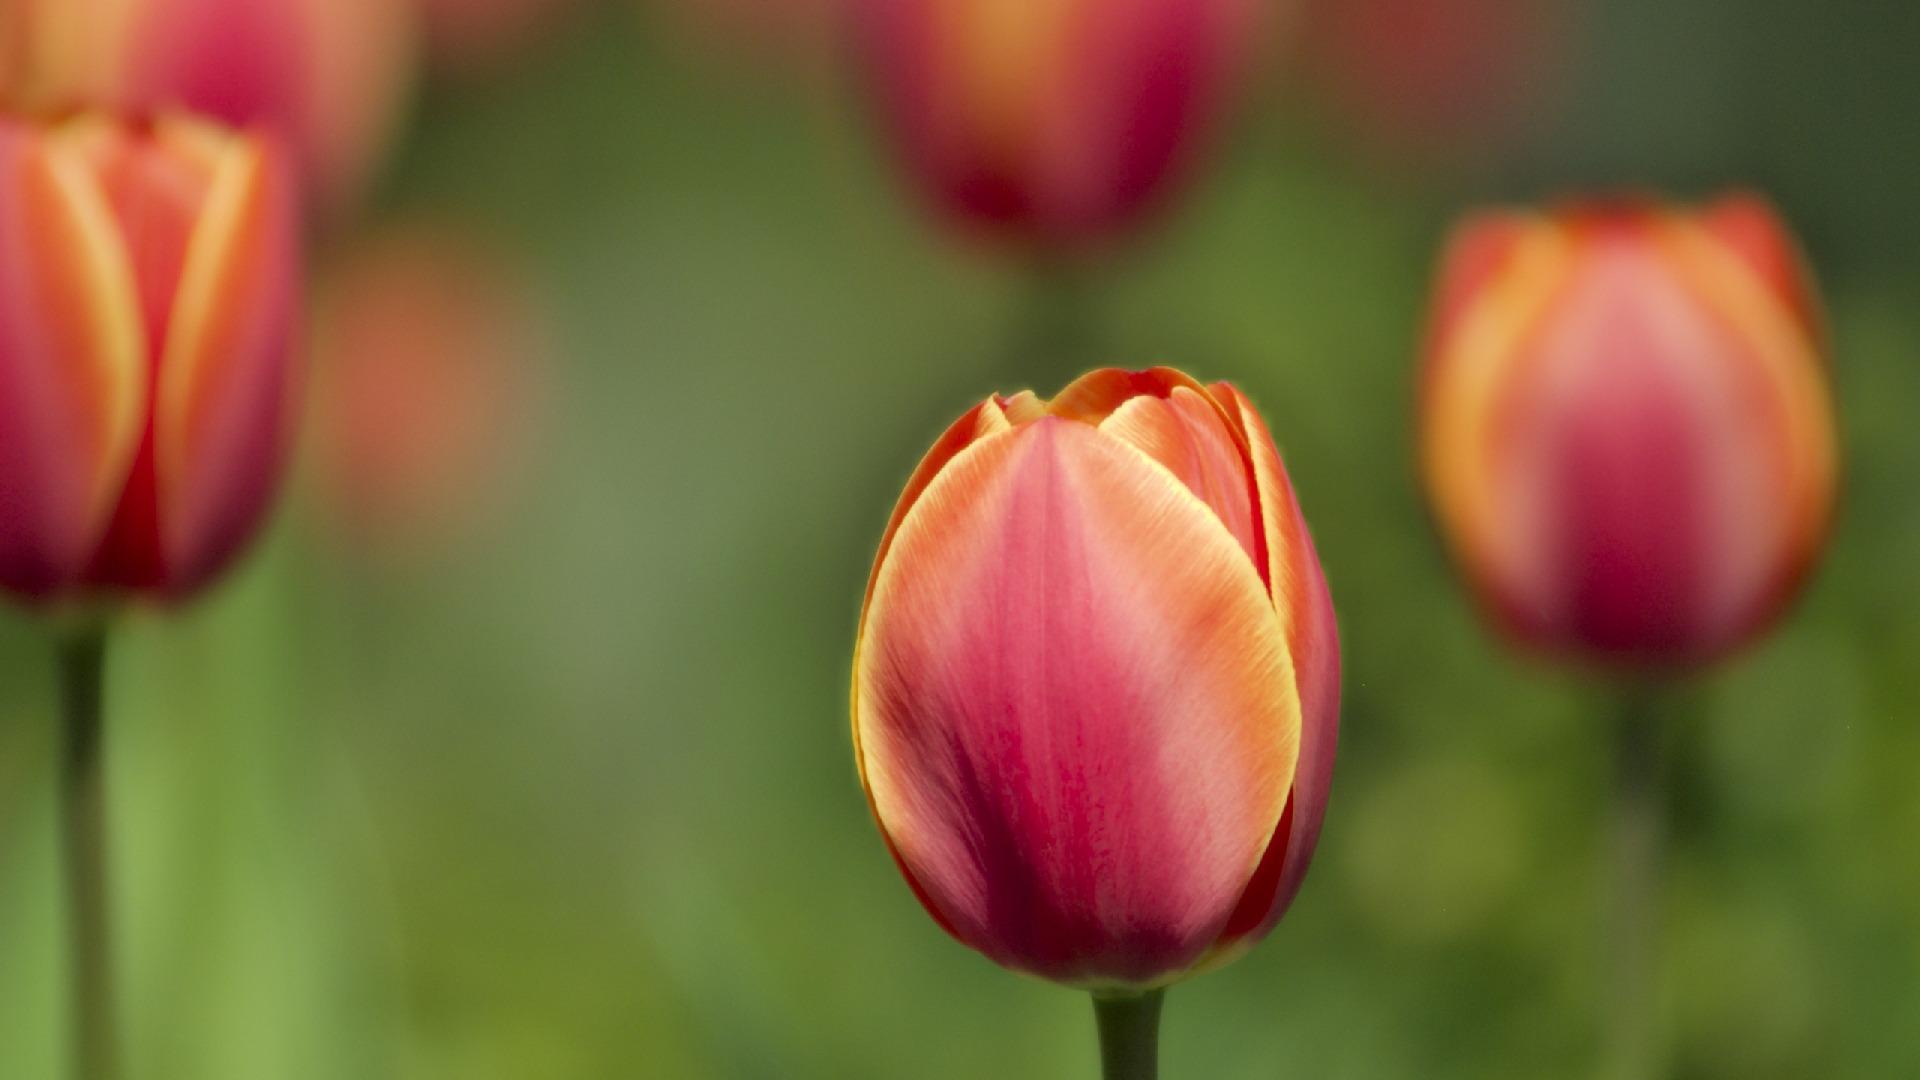 tải hình hoa tulip về máy tính